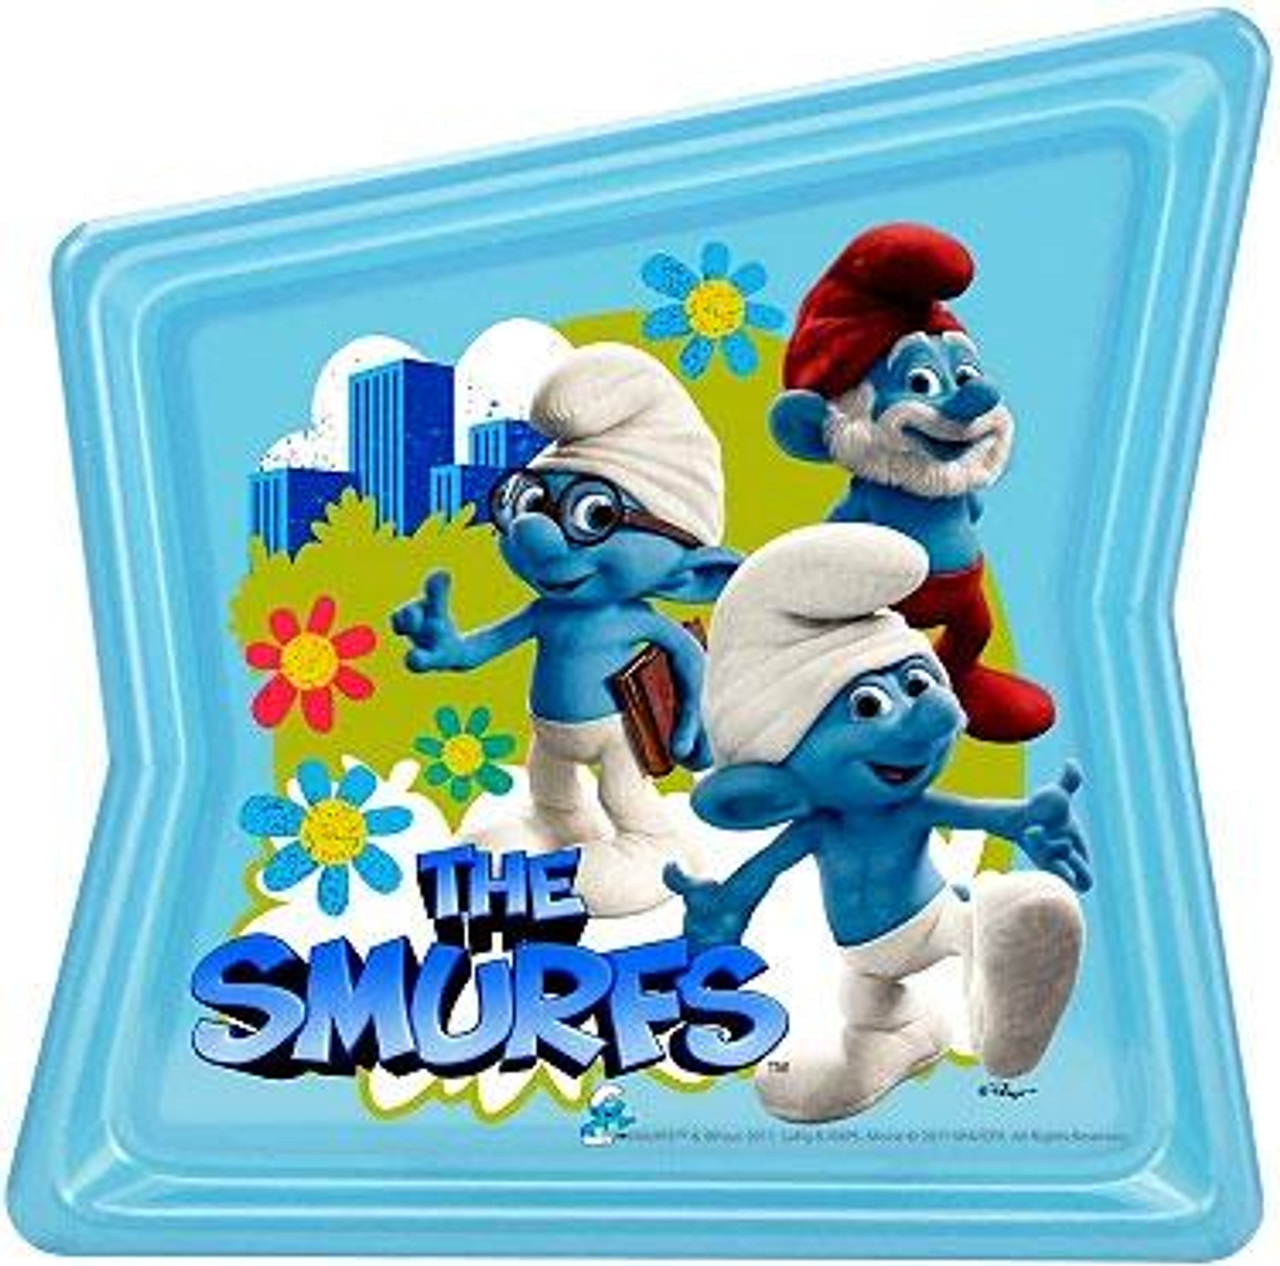 The Smurfs Movie Pearl Plate